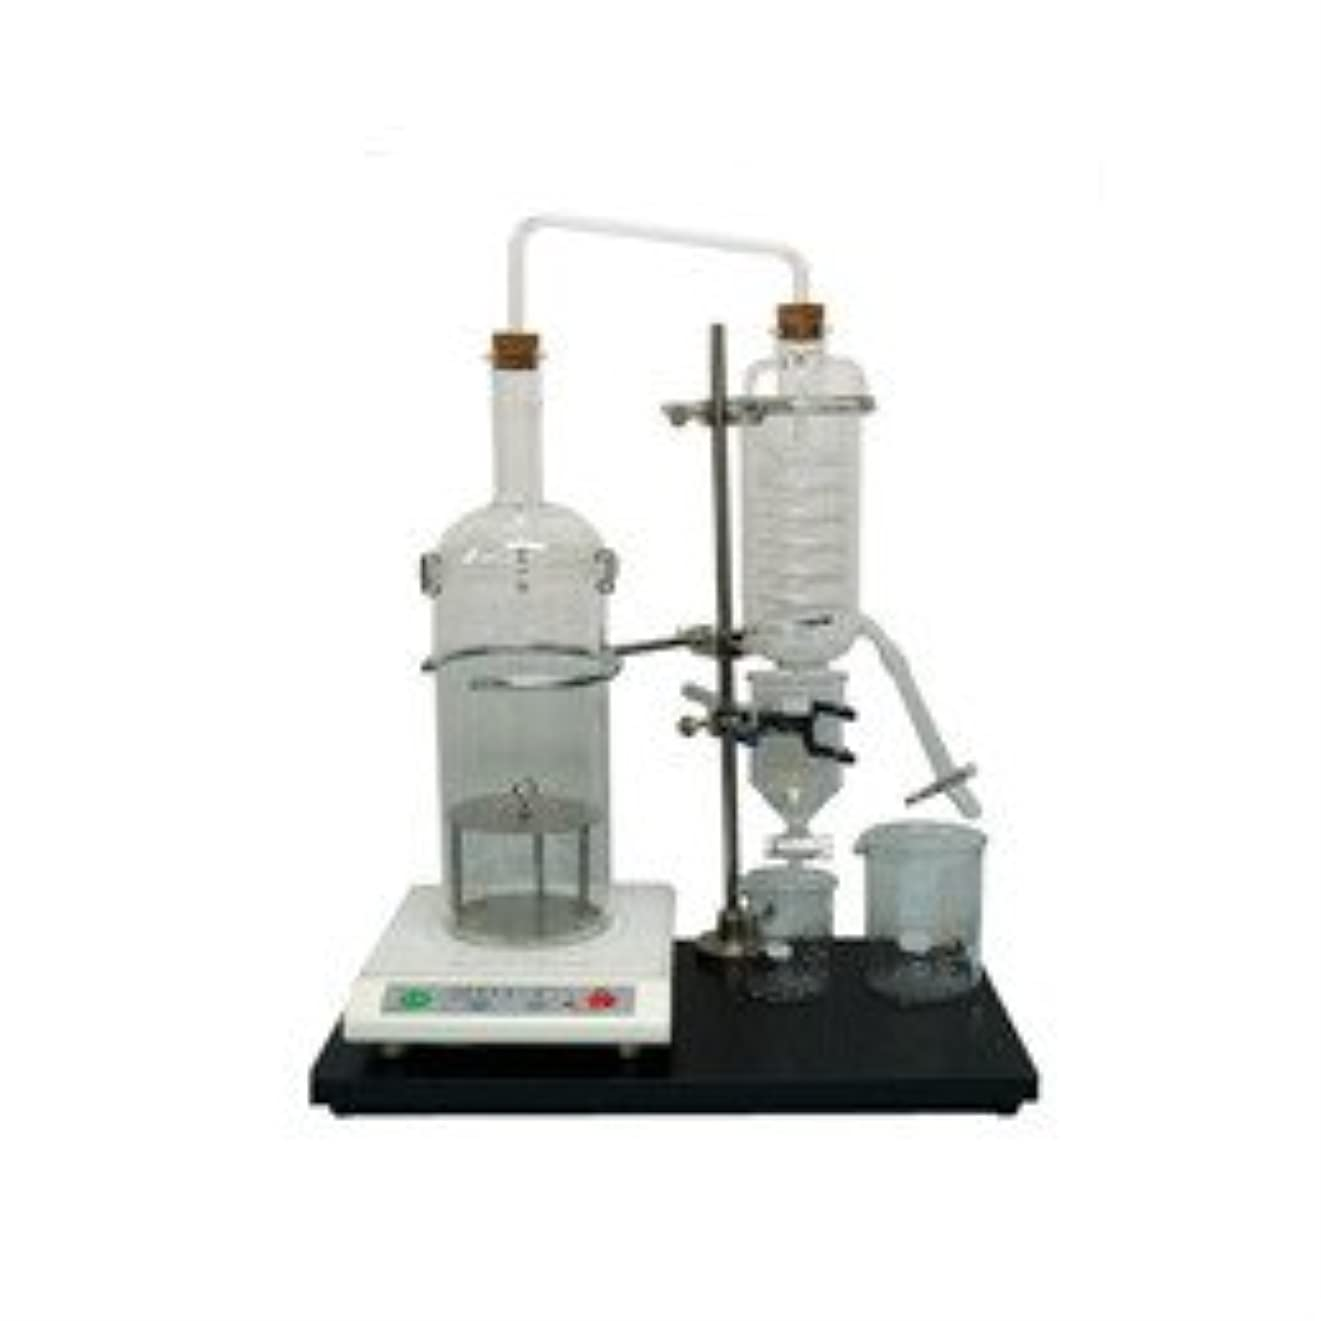 中絶縫い目宿題ハーブオイルメーカー (エッセンシャルオイル抽出器) スタンダードタイプ